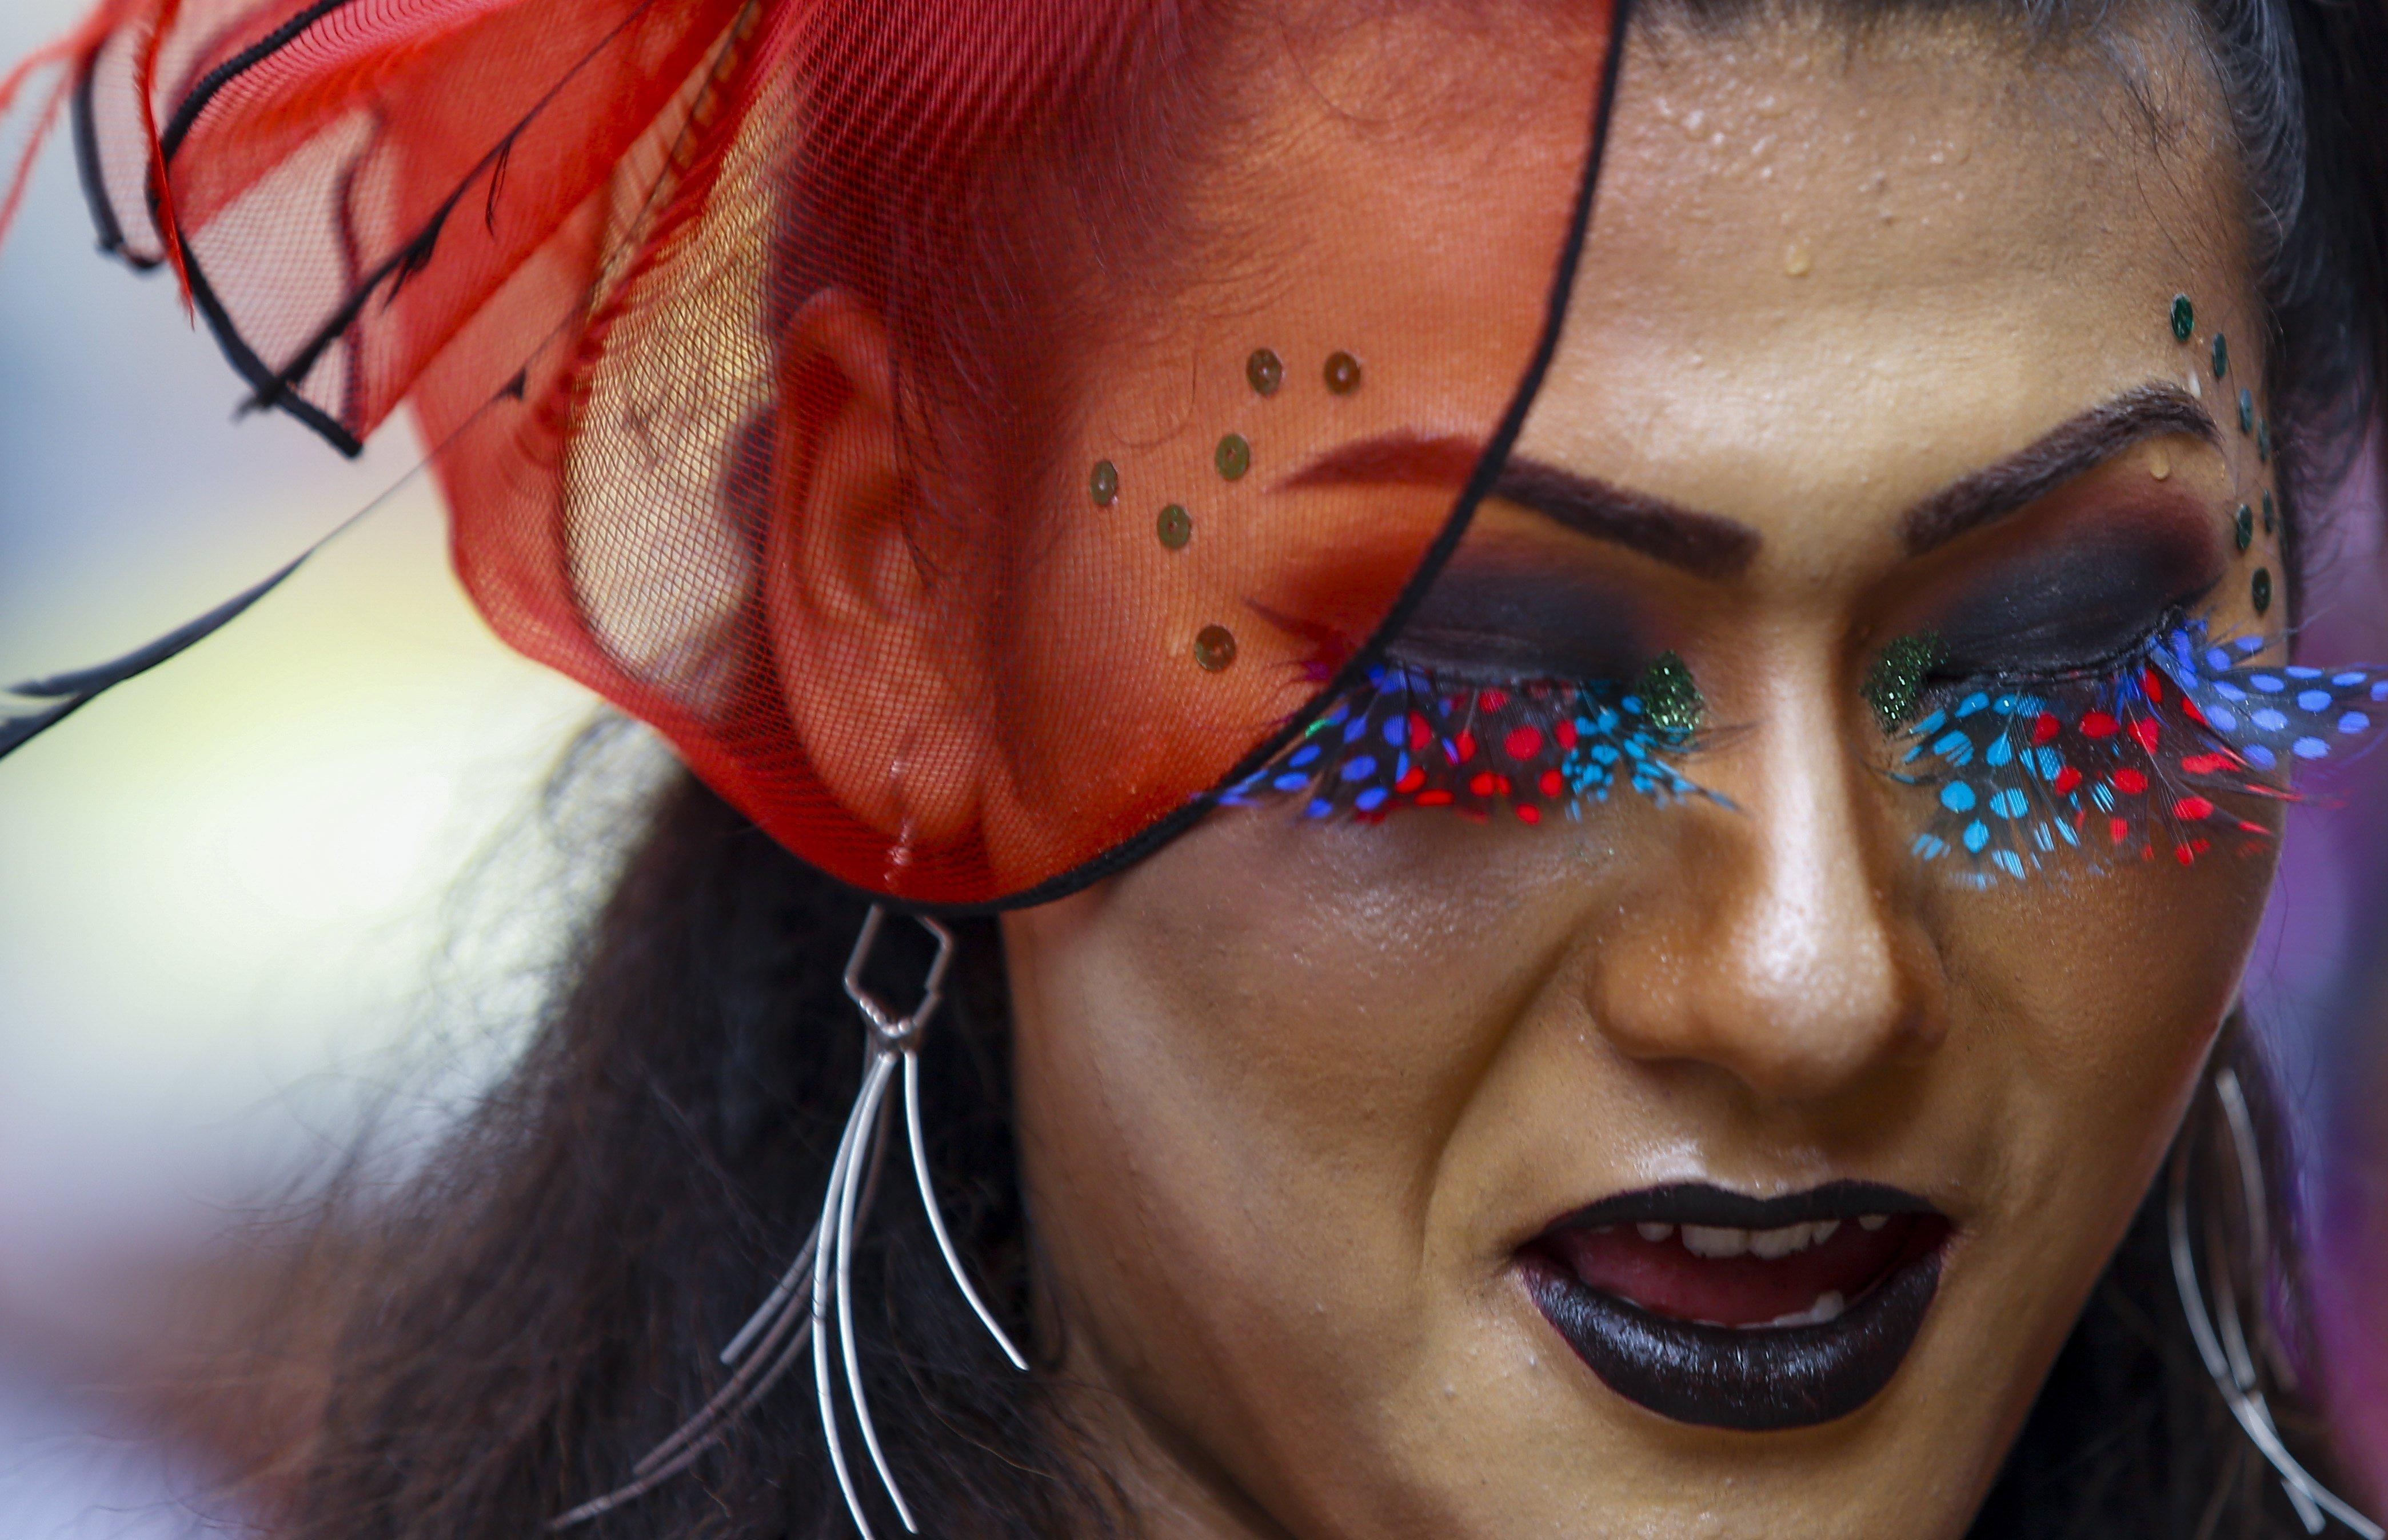 Una persona participa en la 14 edició de la desfilada de l'Orgull LGTB a Kàtmandu (Nepal). /NARENDRA SHRESTHA